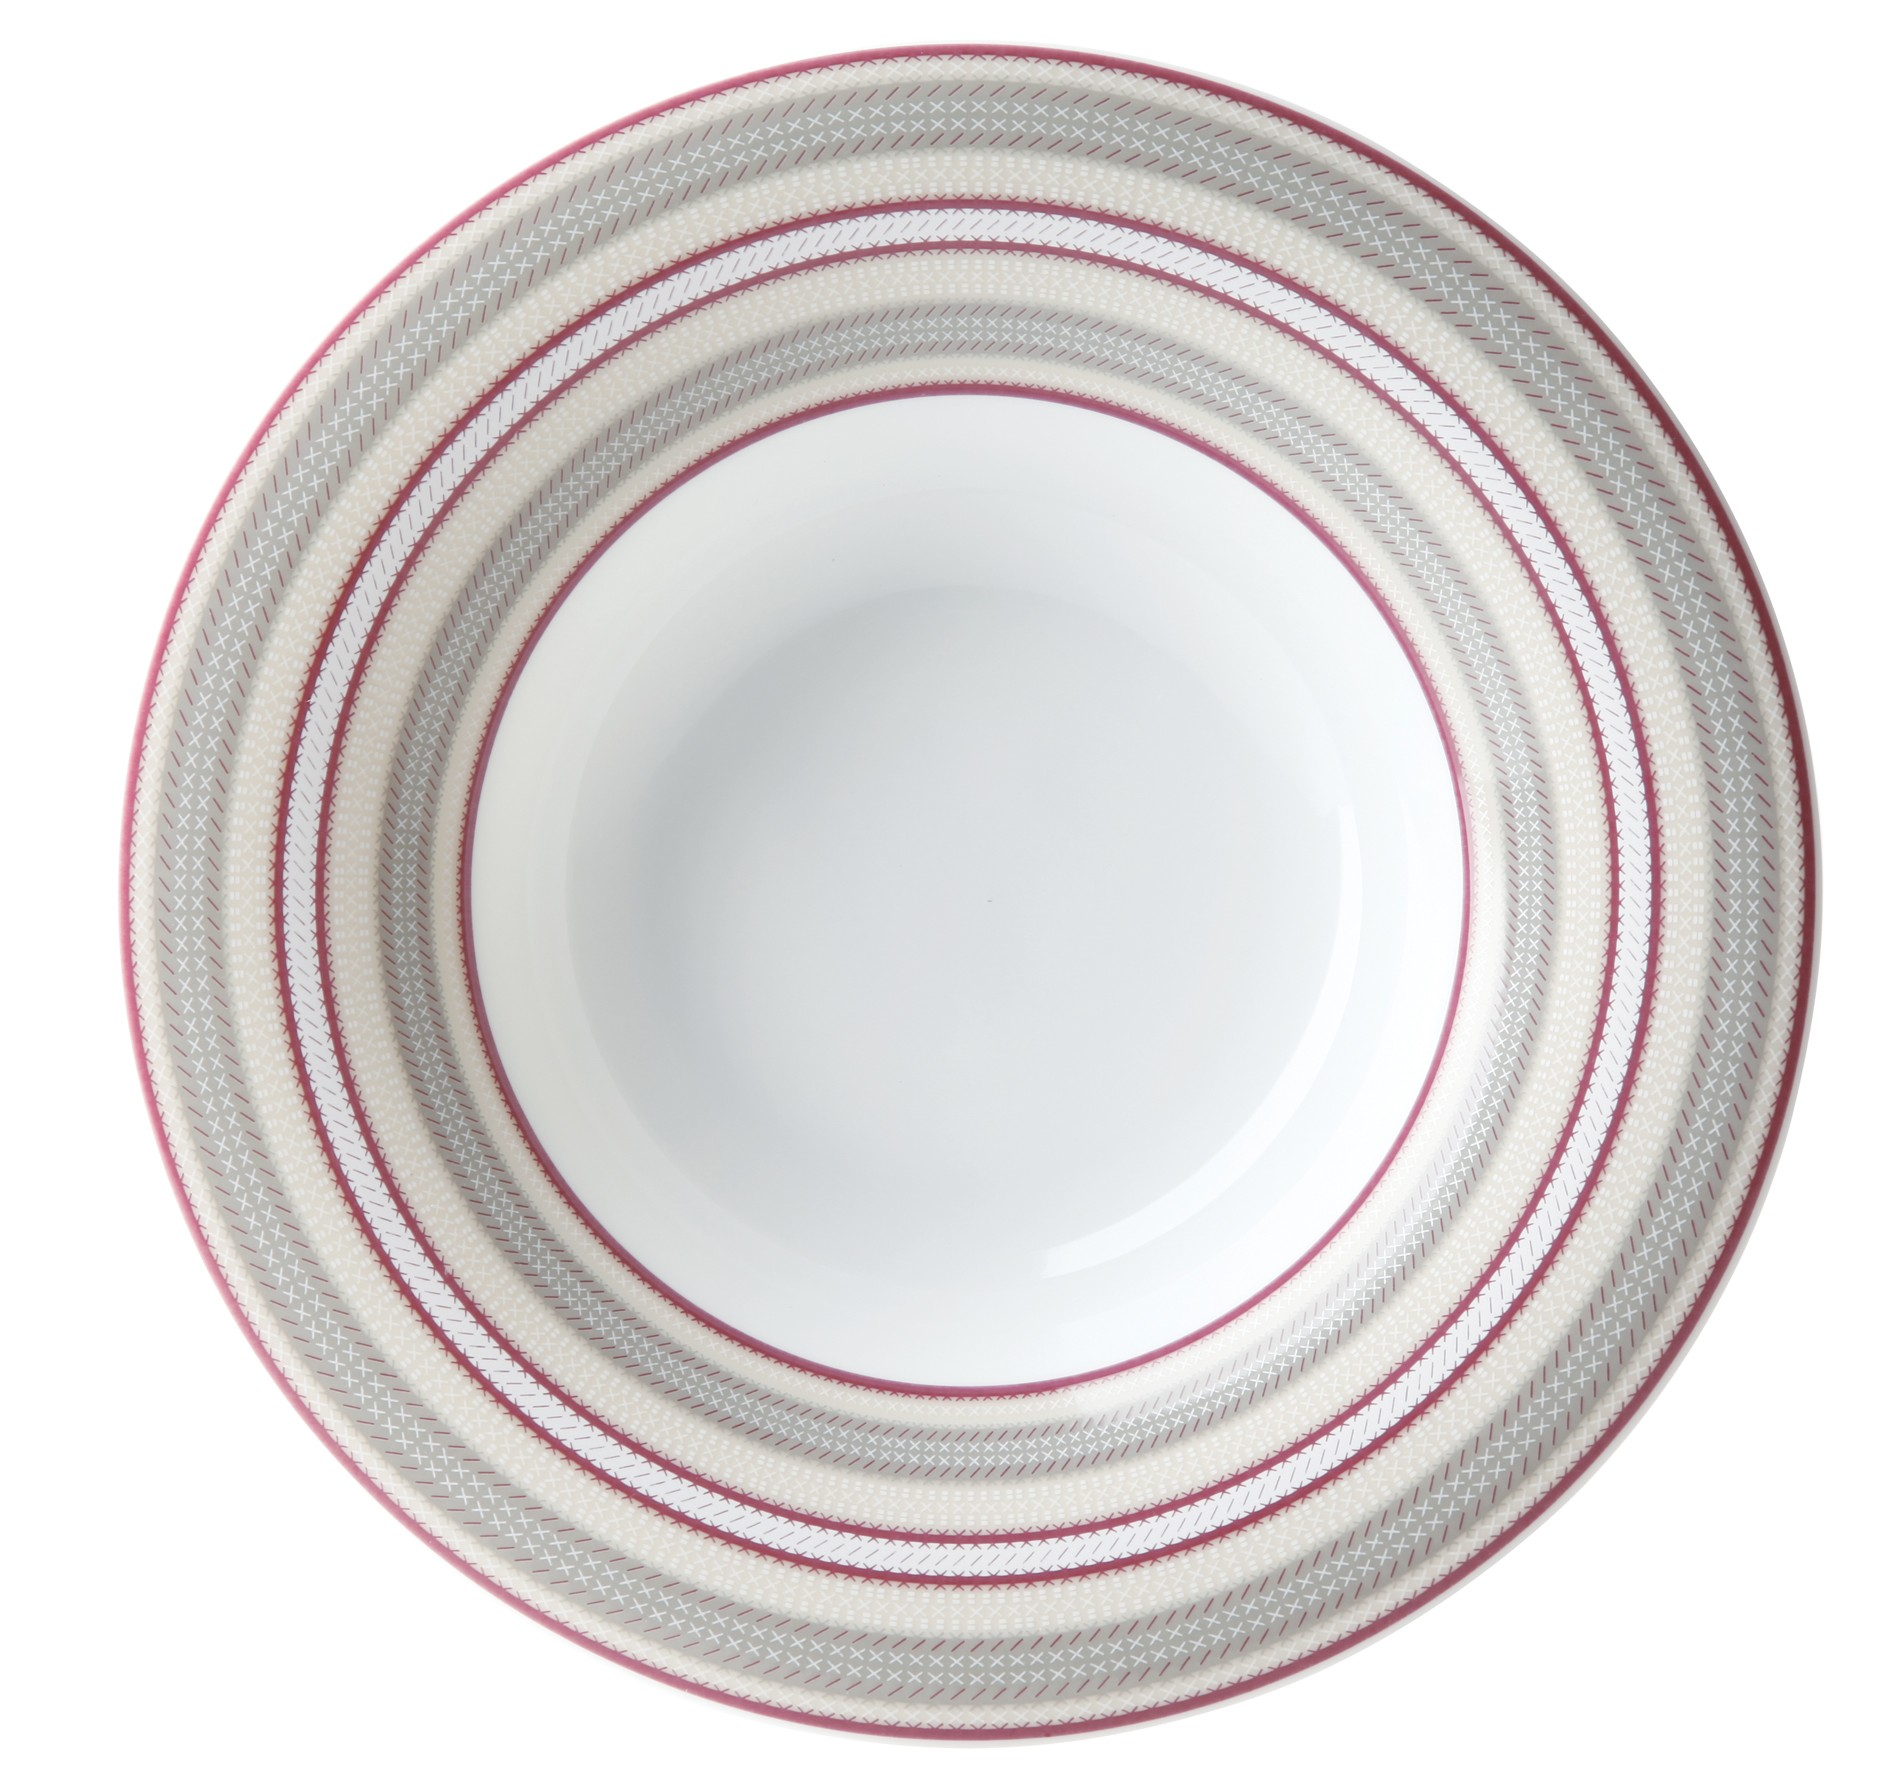 Πιάτο Βαθύ Ριγέ Σετ 6Τμχ Εξοχή 23cm Ionia home   ειδη σερβιρισματος   πιάτα